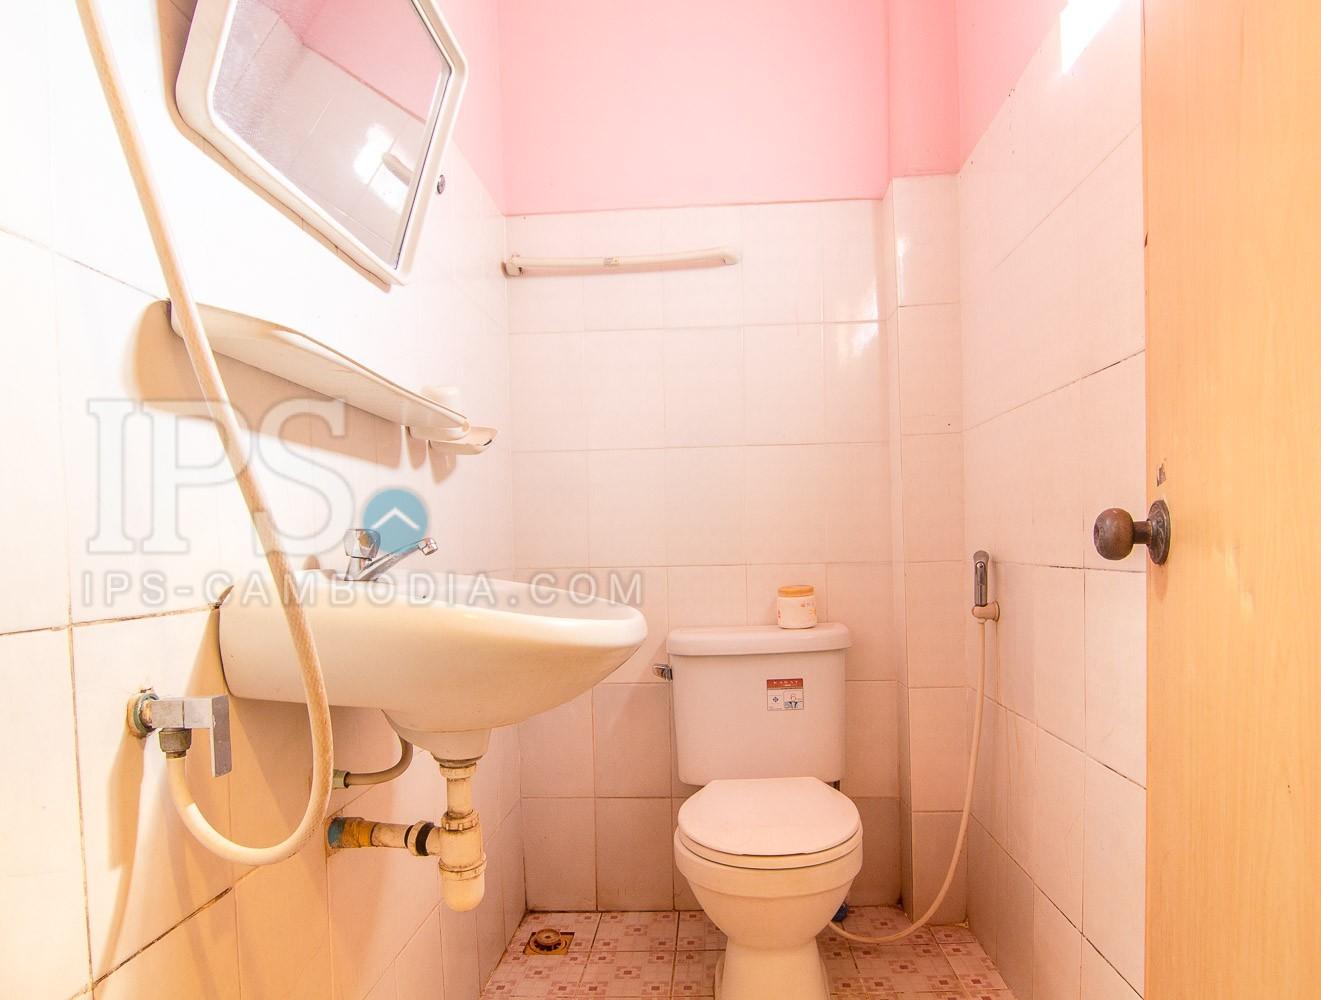 8 Bedroom Rental House For Sale - Svay Dangkum, Siem Reap